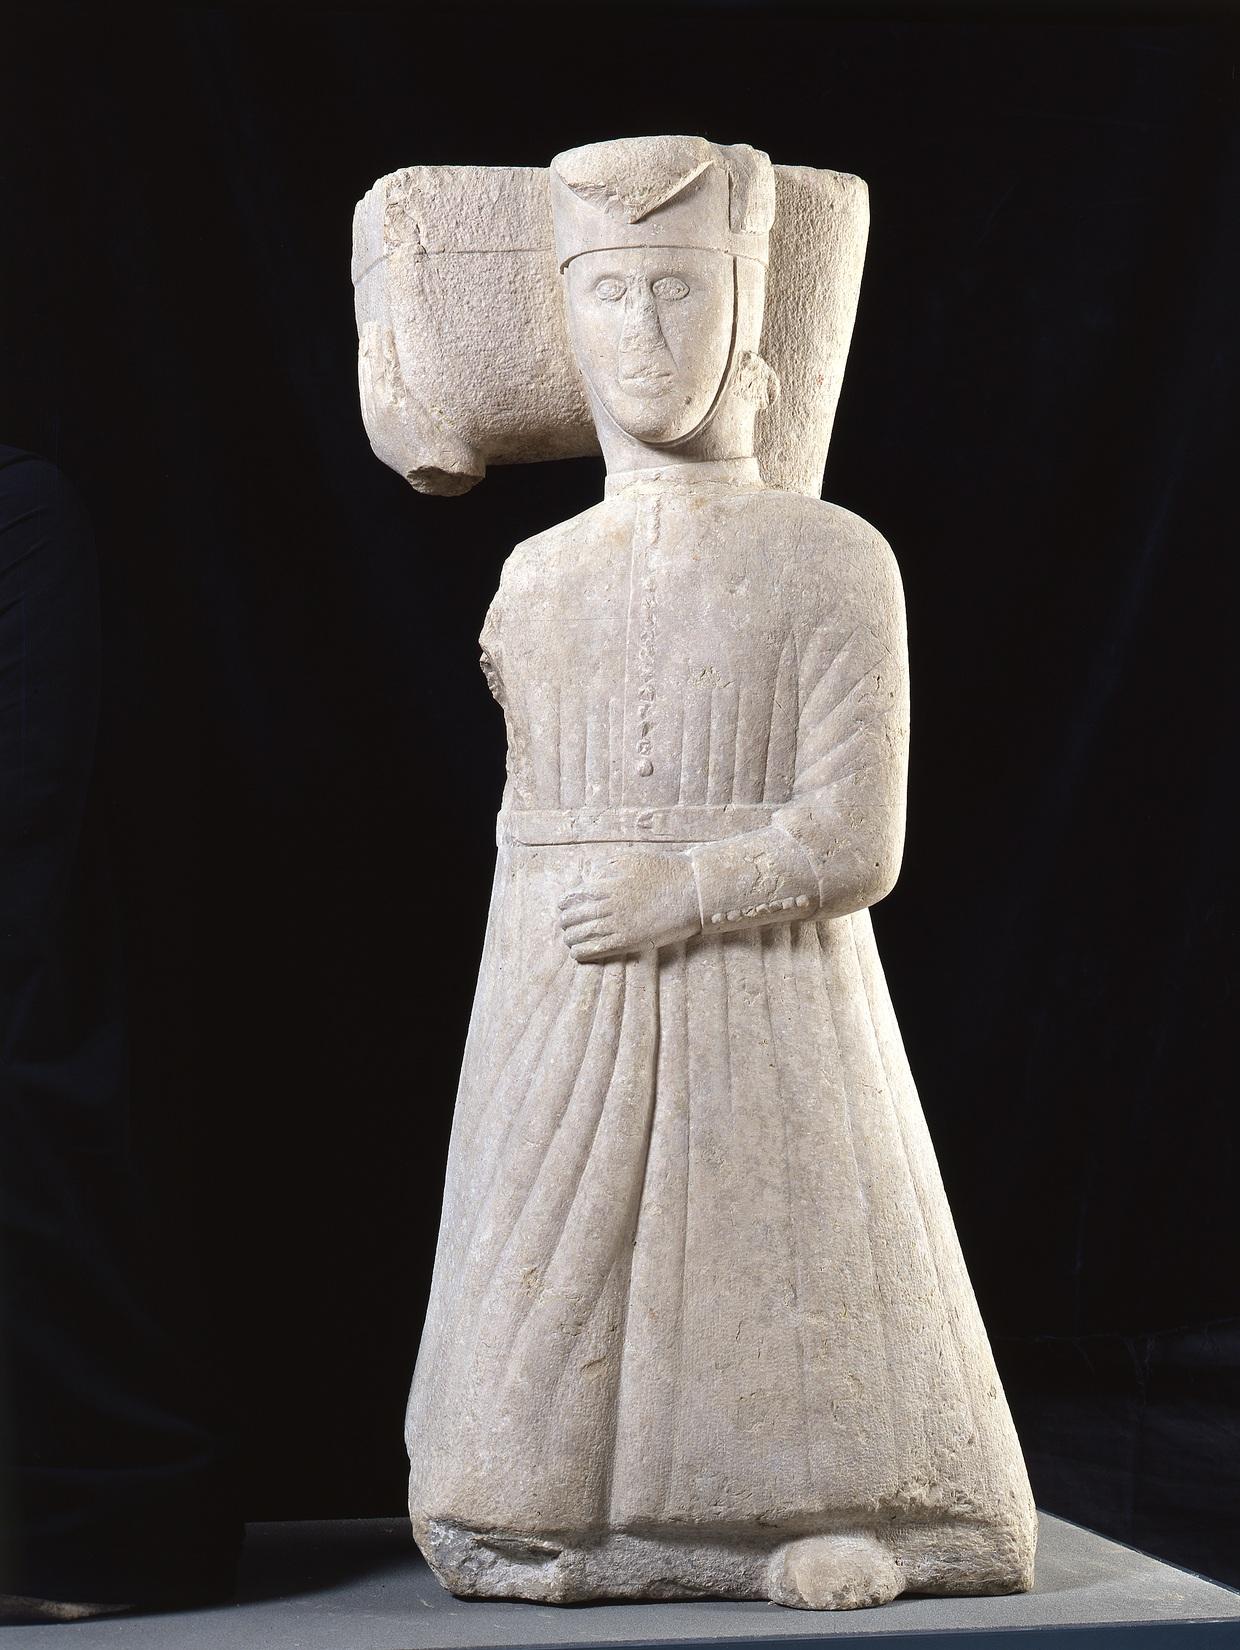 Telamon, 13th century, Musei di Brescia ©Archivio fotografico Musei di Brescia-Fotostudio Rapuzzi